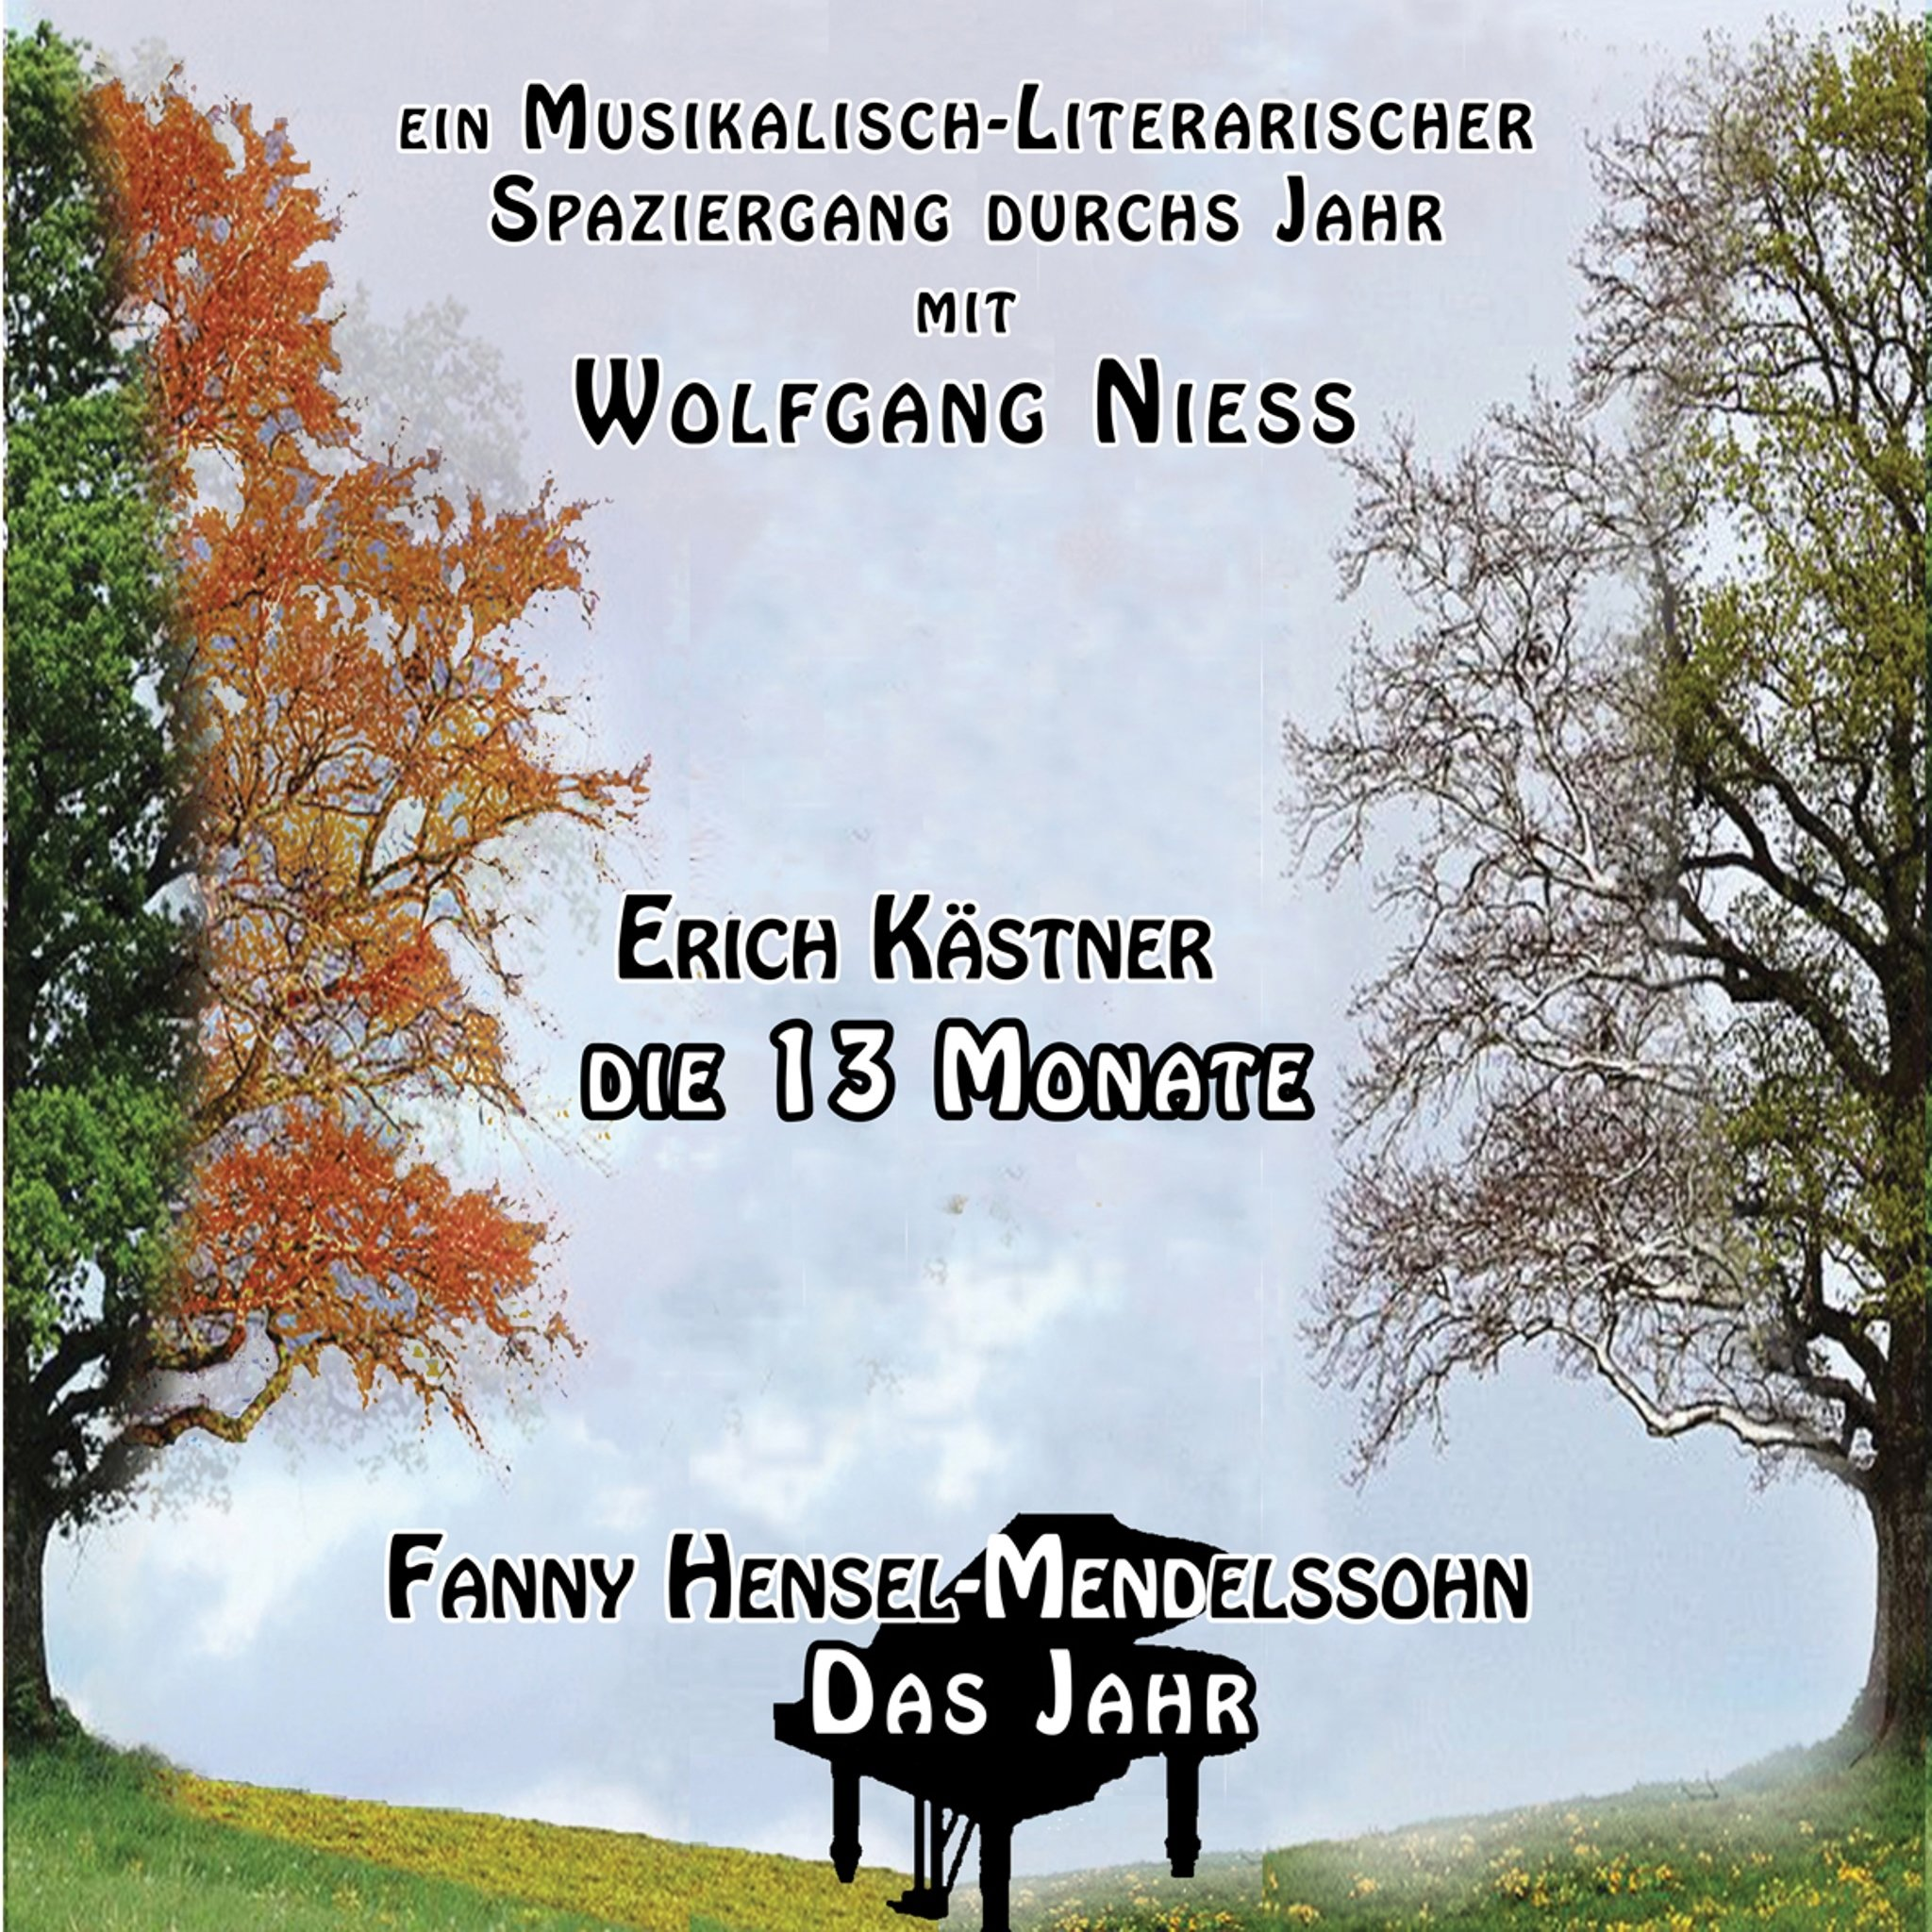 Erich Kästners Gedichte Mit Musik